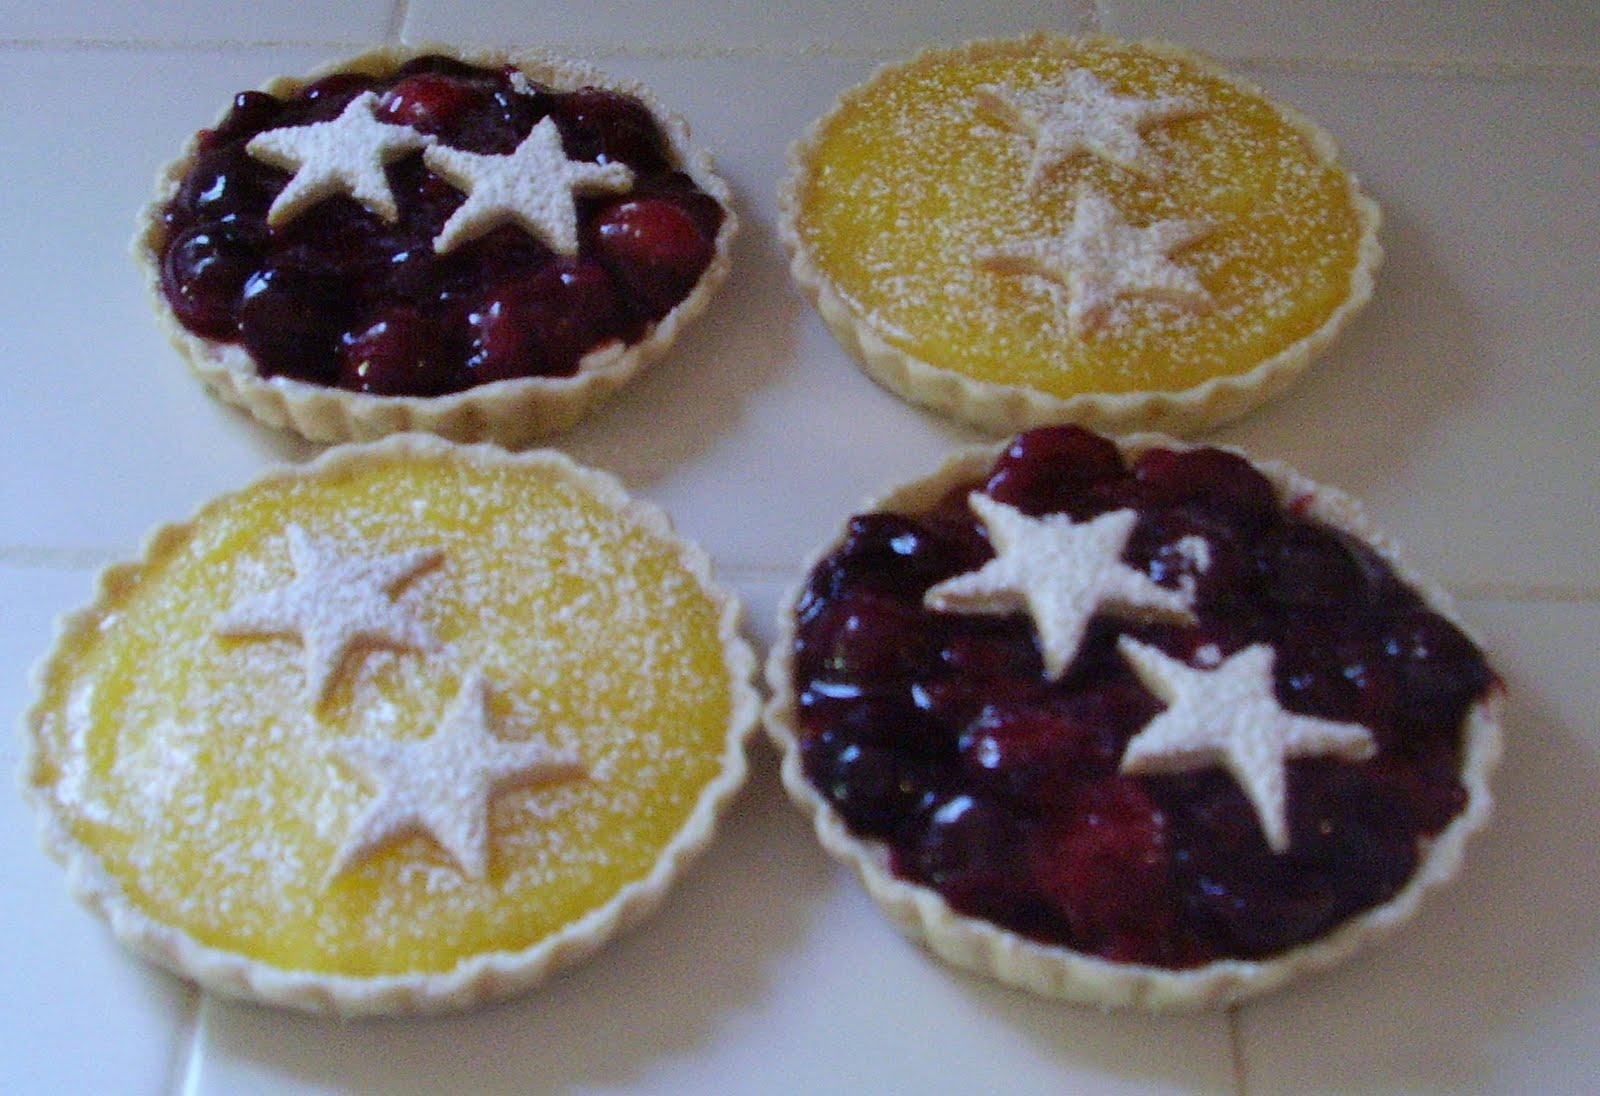 Cheesecake Tarts - Oh My!